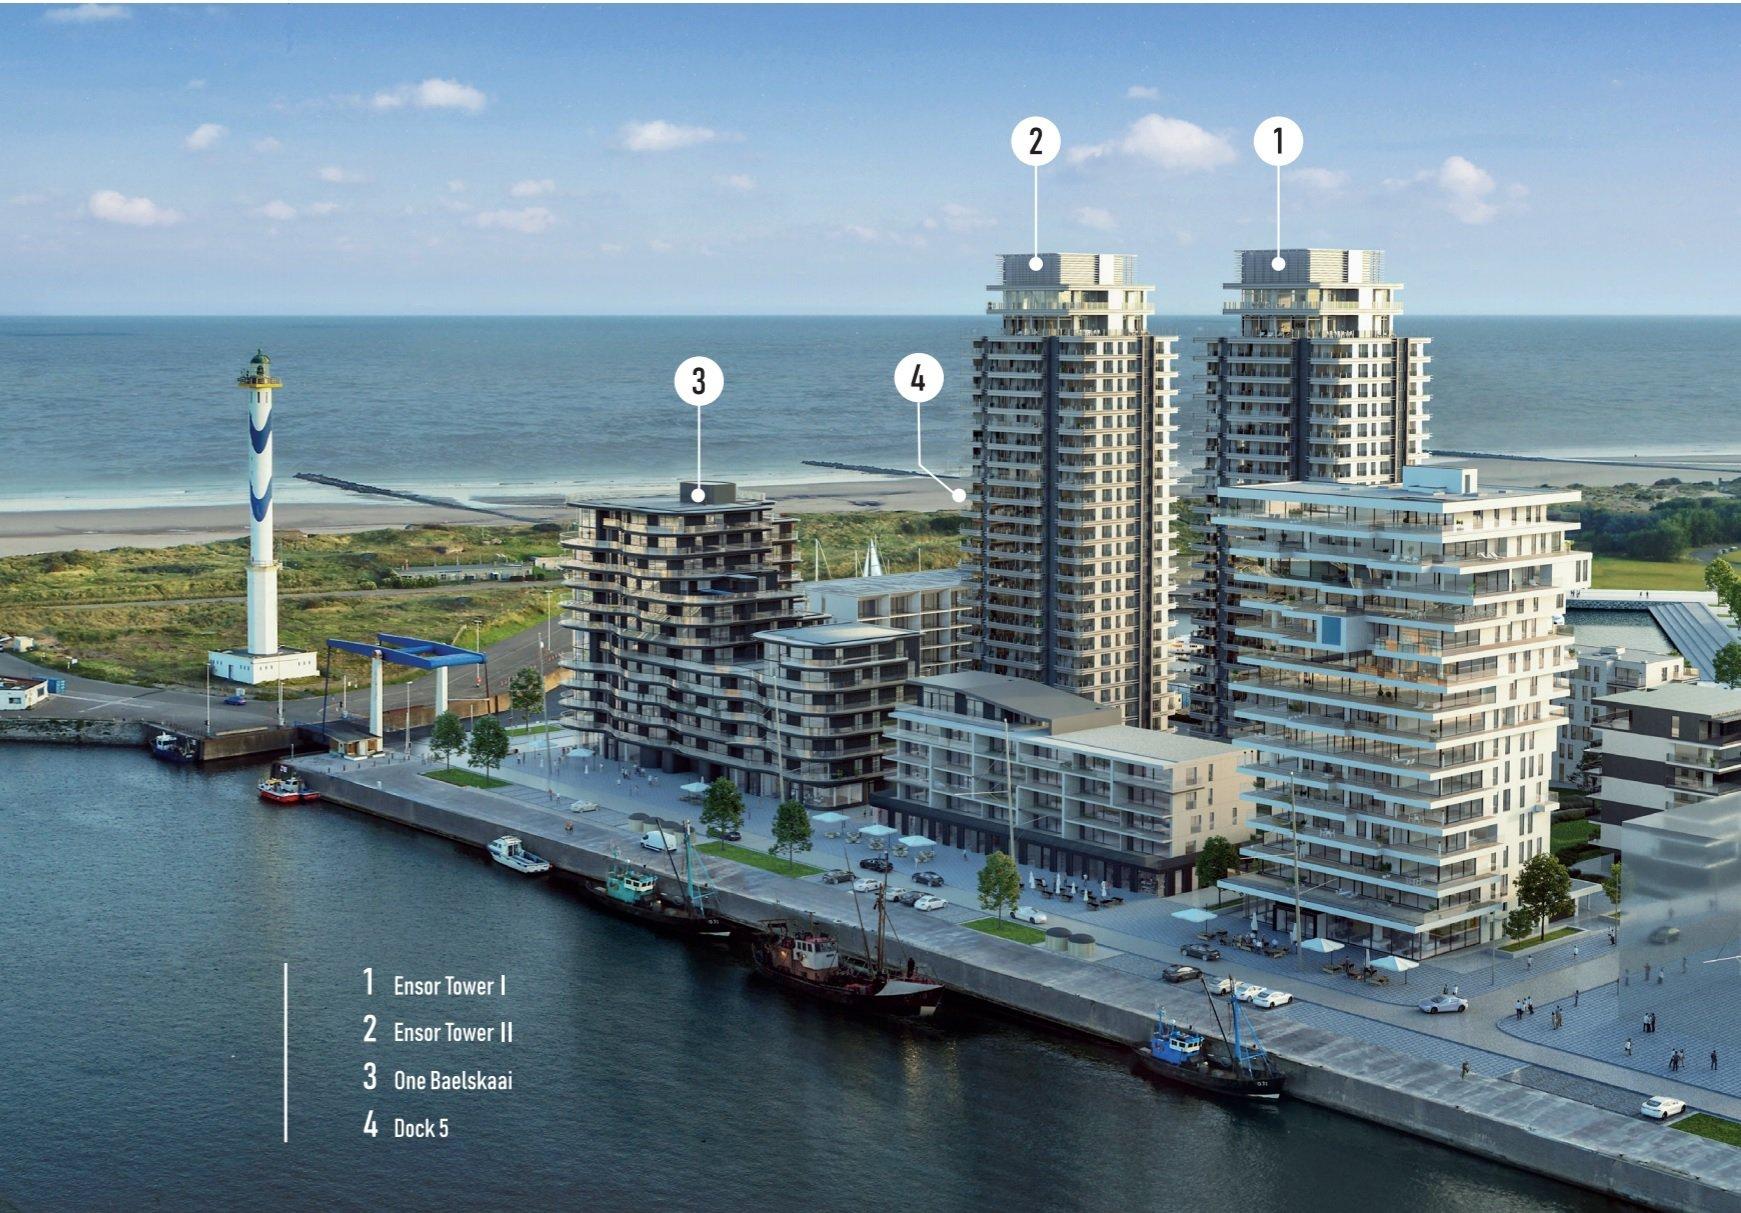 ONTDEK OOSTEROEVER de nieuwe stad aan zee